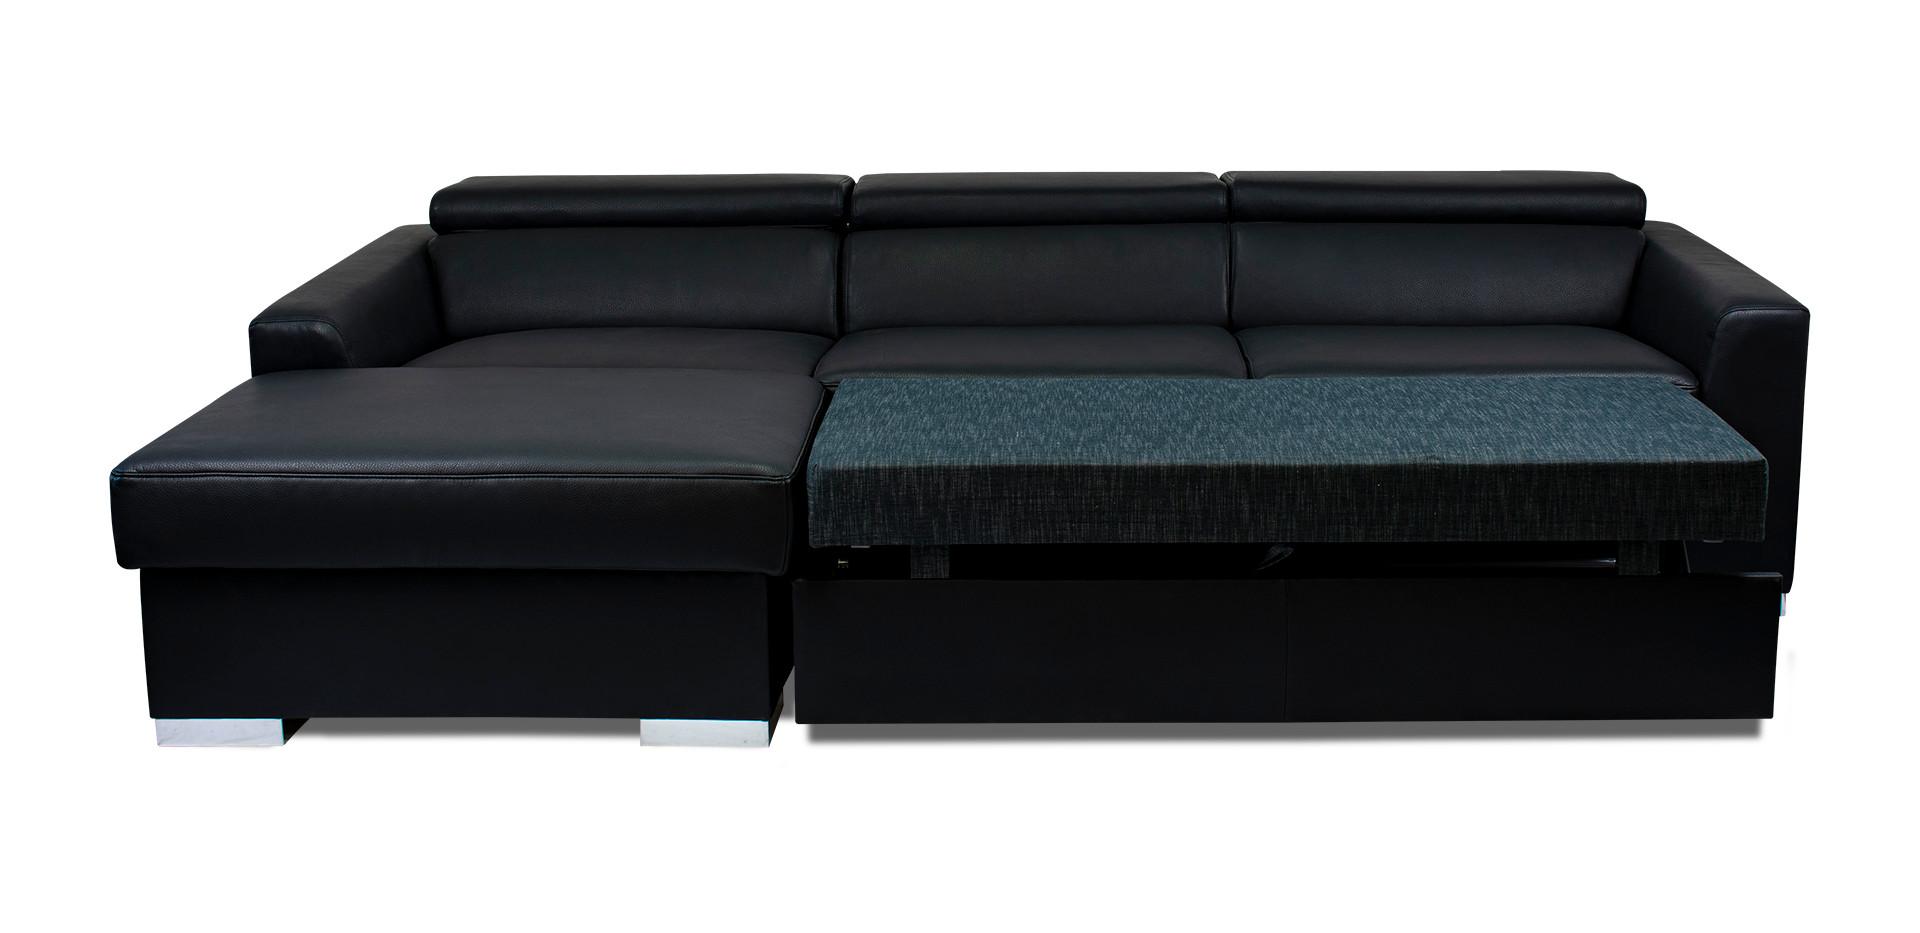 luxusní sedací souprava.jpg